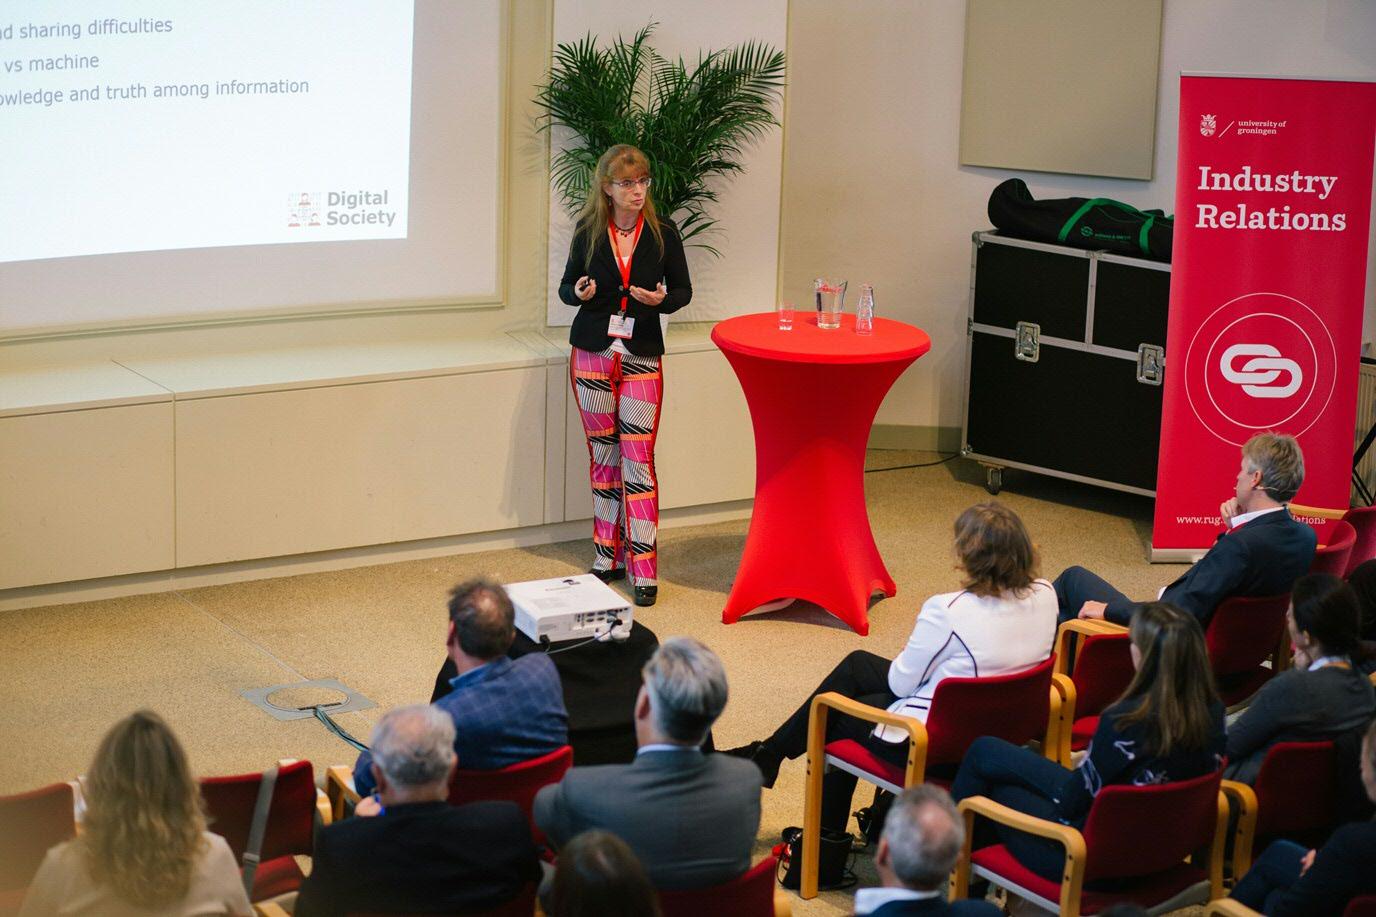 Digital Society Meet & Greet XL in Groningen